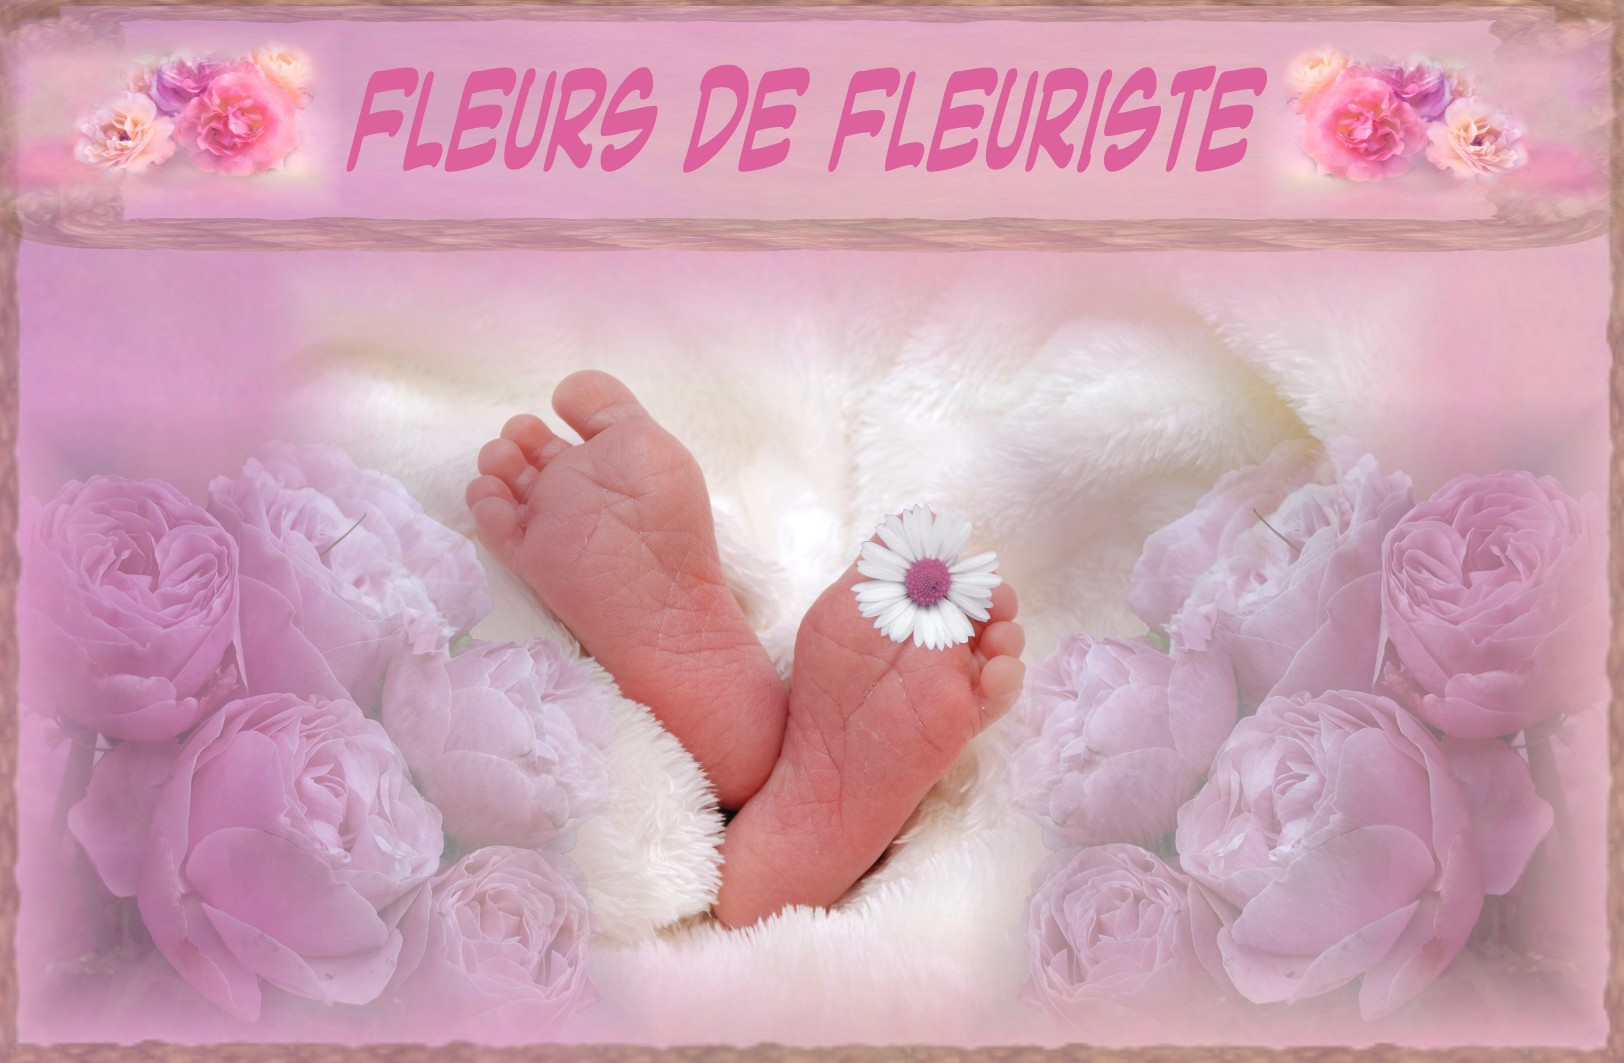 FLEURS POUR UNE NAISSANCE MEILLAC 35 - FLEURISTE MEILLAC 35 - ENVOYER FLEURS NAISSANCE MEILLAC 35 - ENVOI FLEURS NAISSANCE MEILLAC 35 - FLEURS BAPTEME MEILLAC 35 - livrer des fleurs pour une naissance, un baptême, une communion par un fleuriste de MEILLAC 35